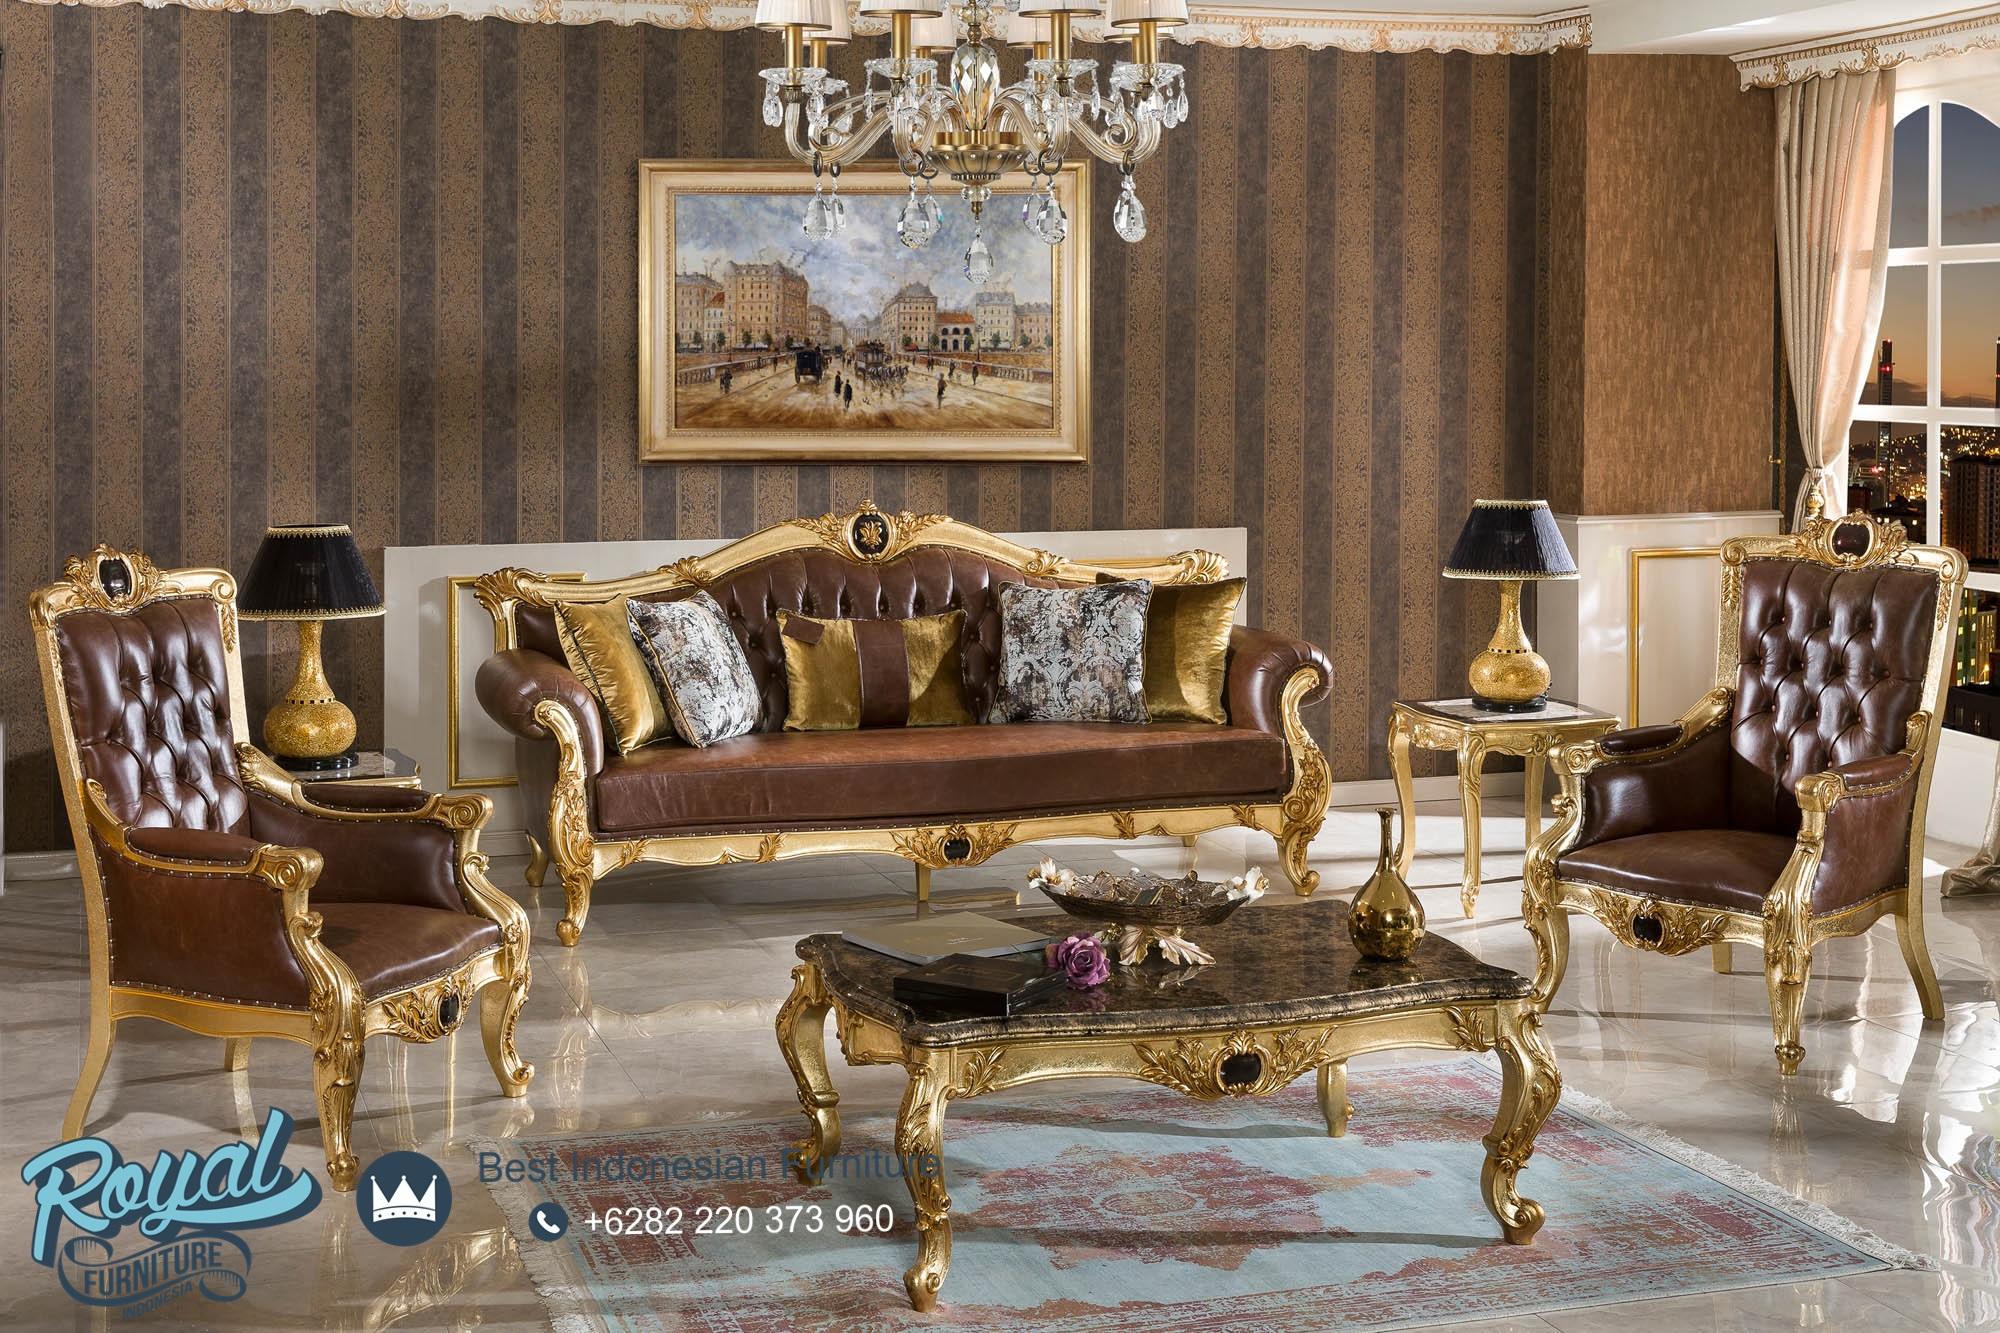 Sofa Ruang Tamu Mewah Gold Duco Ukiran Jepara, set sofa tamu mewah, sofa mewah modern, kursi tamu mewah minimalis, kursi tamu mewah modern, kursi mewah ruang tamu, kursi tamu mewah kualitas terbaik, sofa tamu mewah terbaru, model kursi sofa ruang tamu, harga sofa tamu mewah, sofa tamu klasik, sofa tamu mewah ukiran, furniture kursi tamu mewah, model sofa tamu mewah terbaru, desain sofa ruang tamu klasik mewah, set sofa tamu terbaru 2019, mebel jepara, furniture jepara, royal furniture